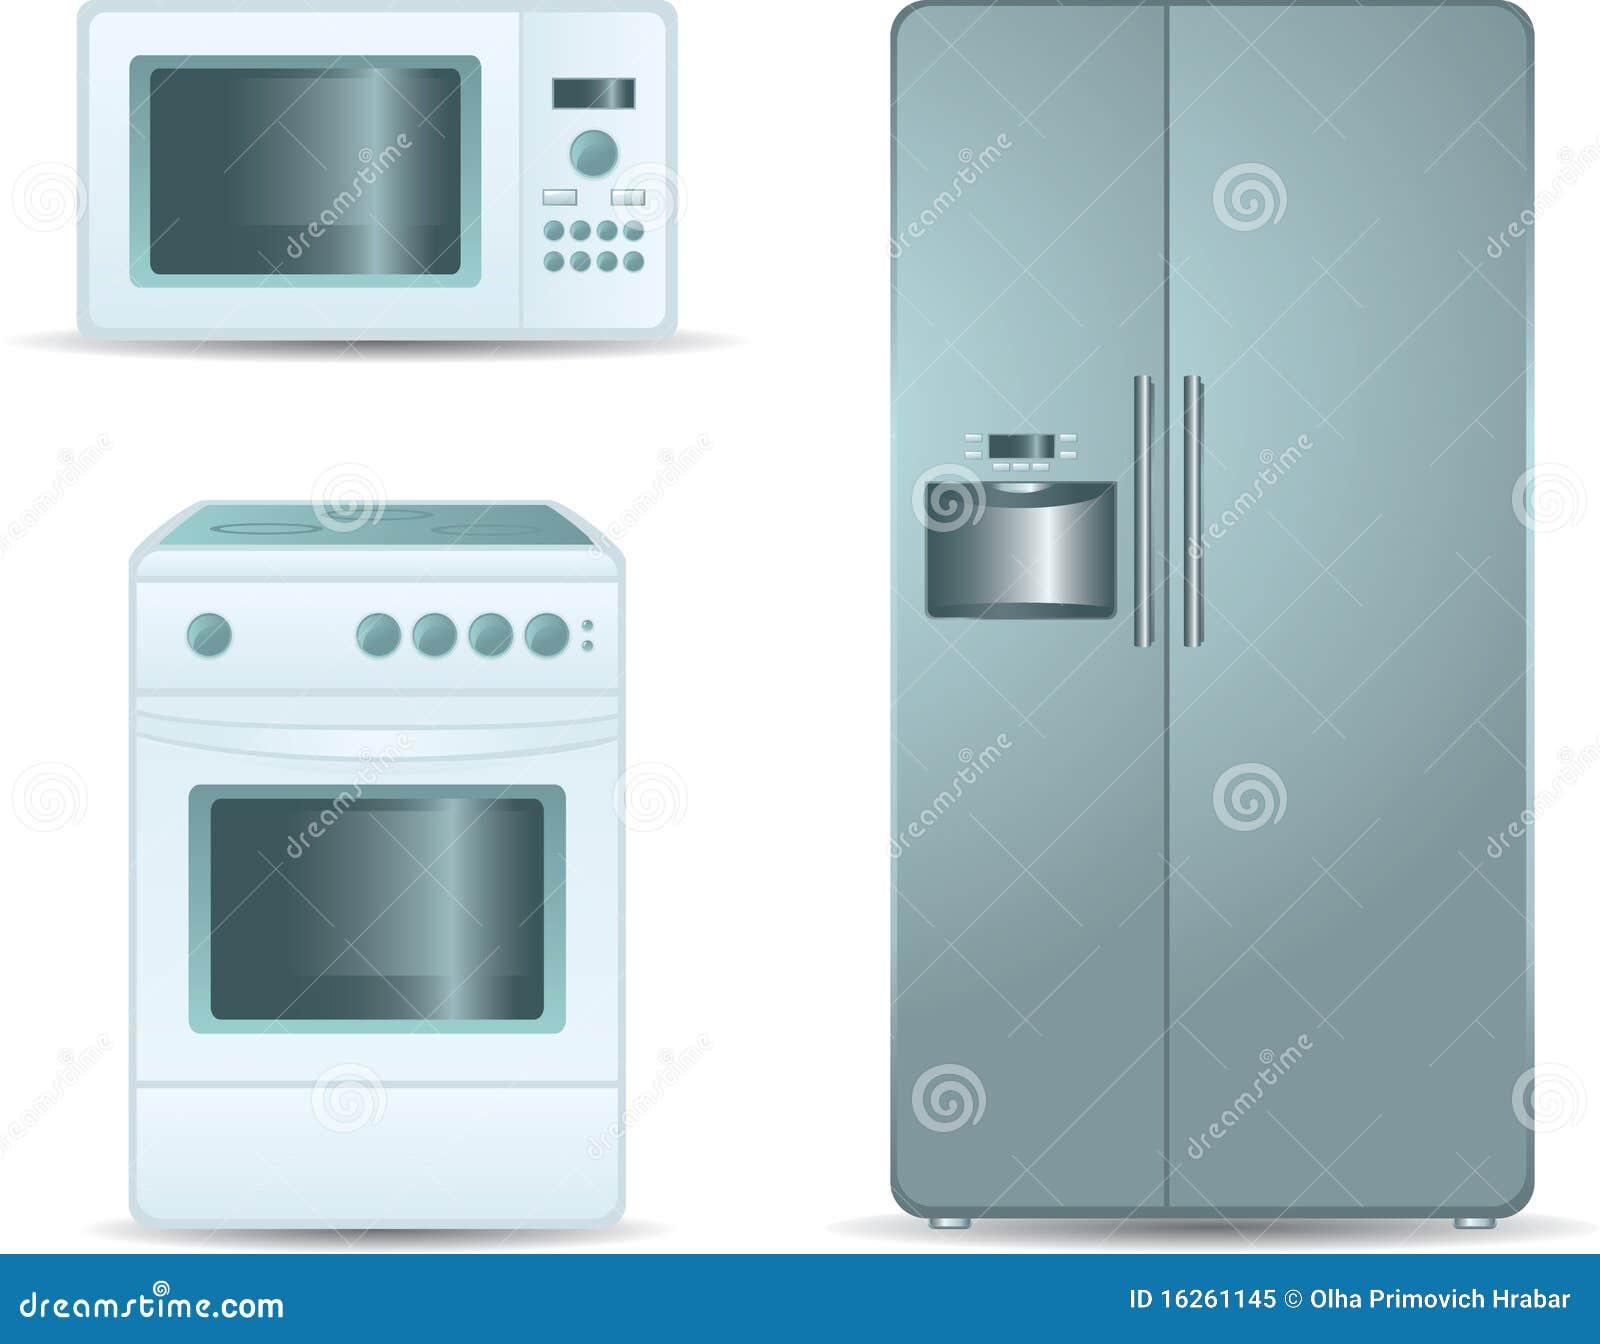 Estufa de cocinar horno microondas y refrigerador sid for Cocinar en microondas